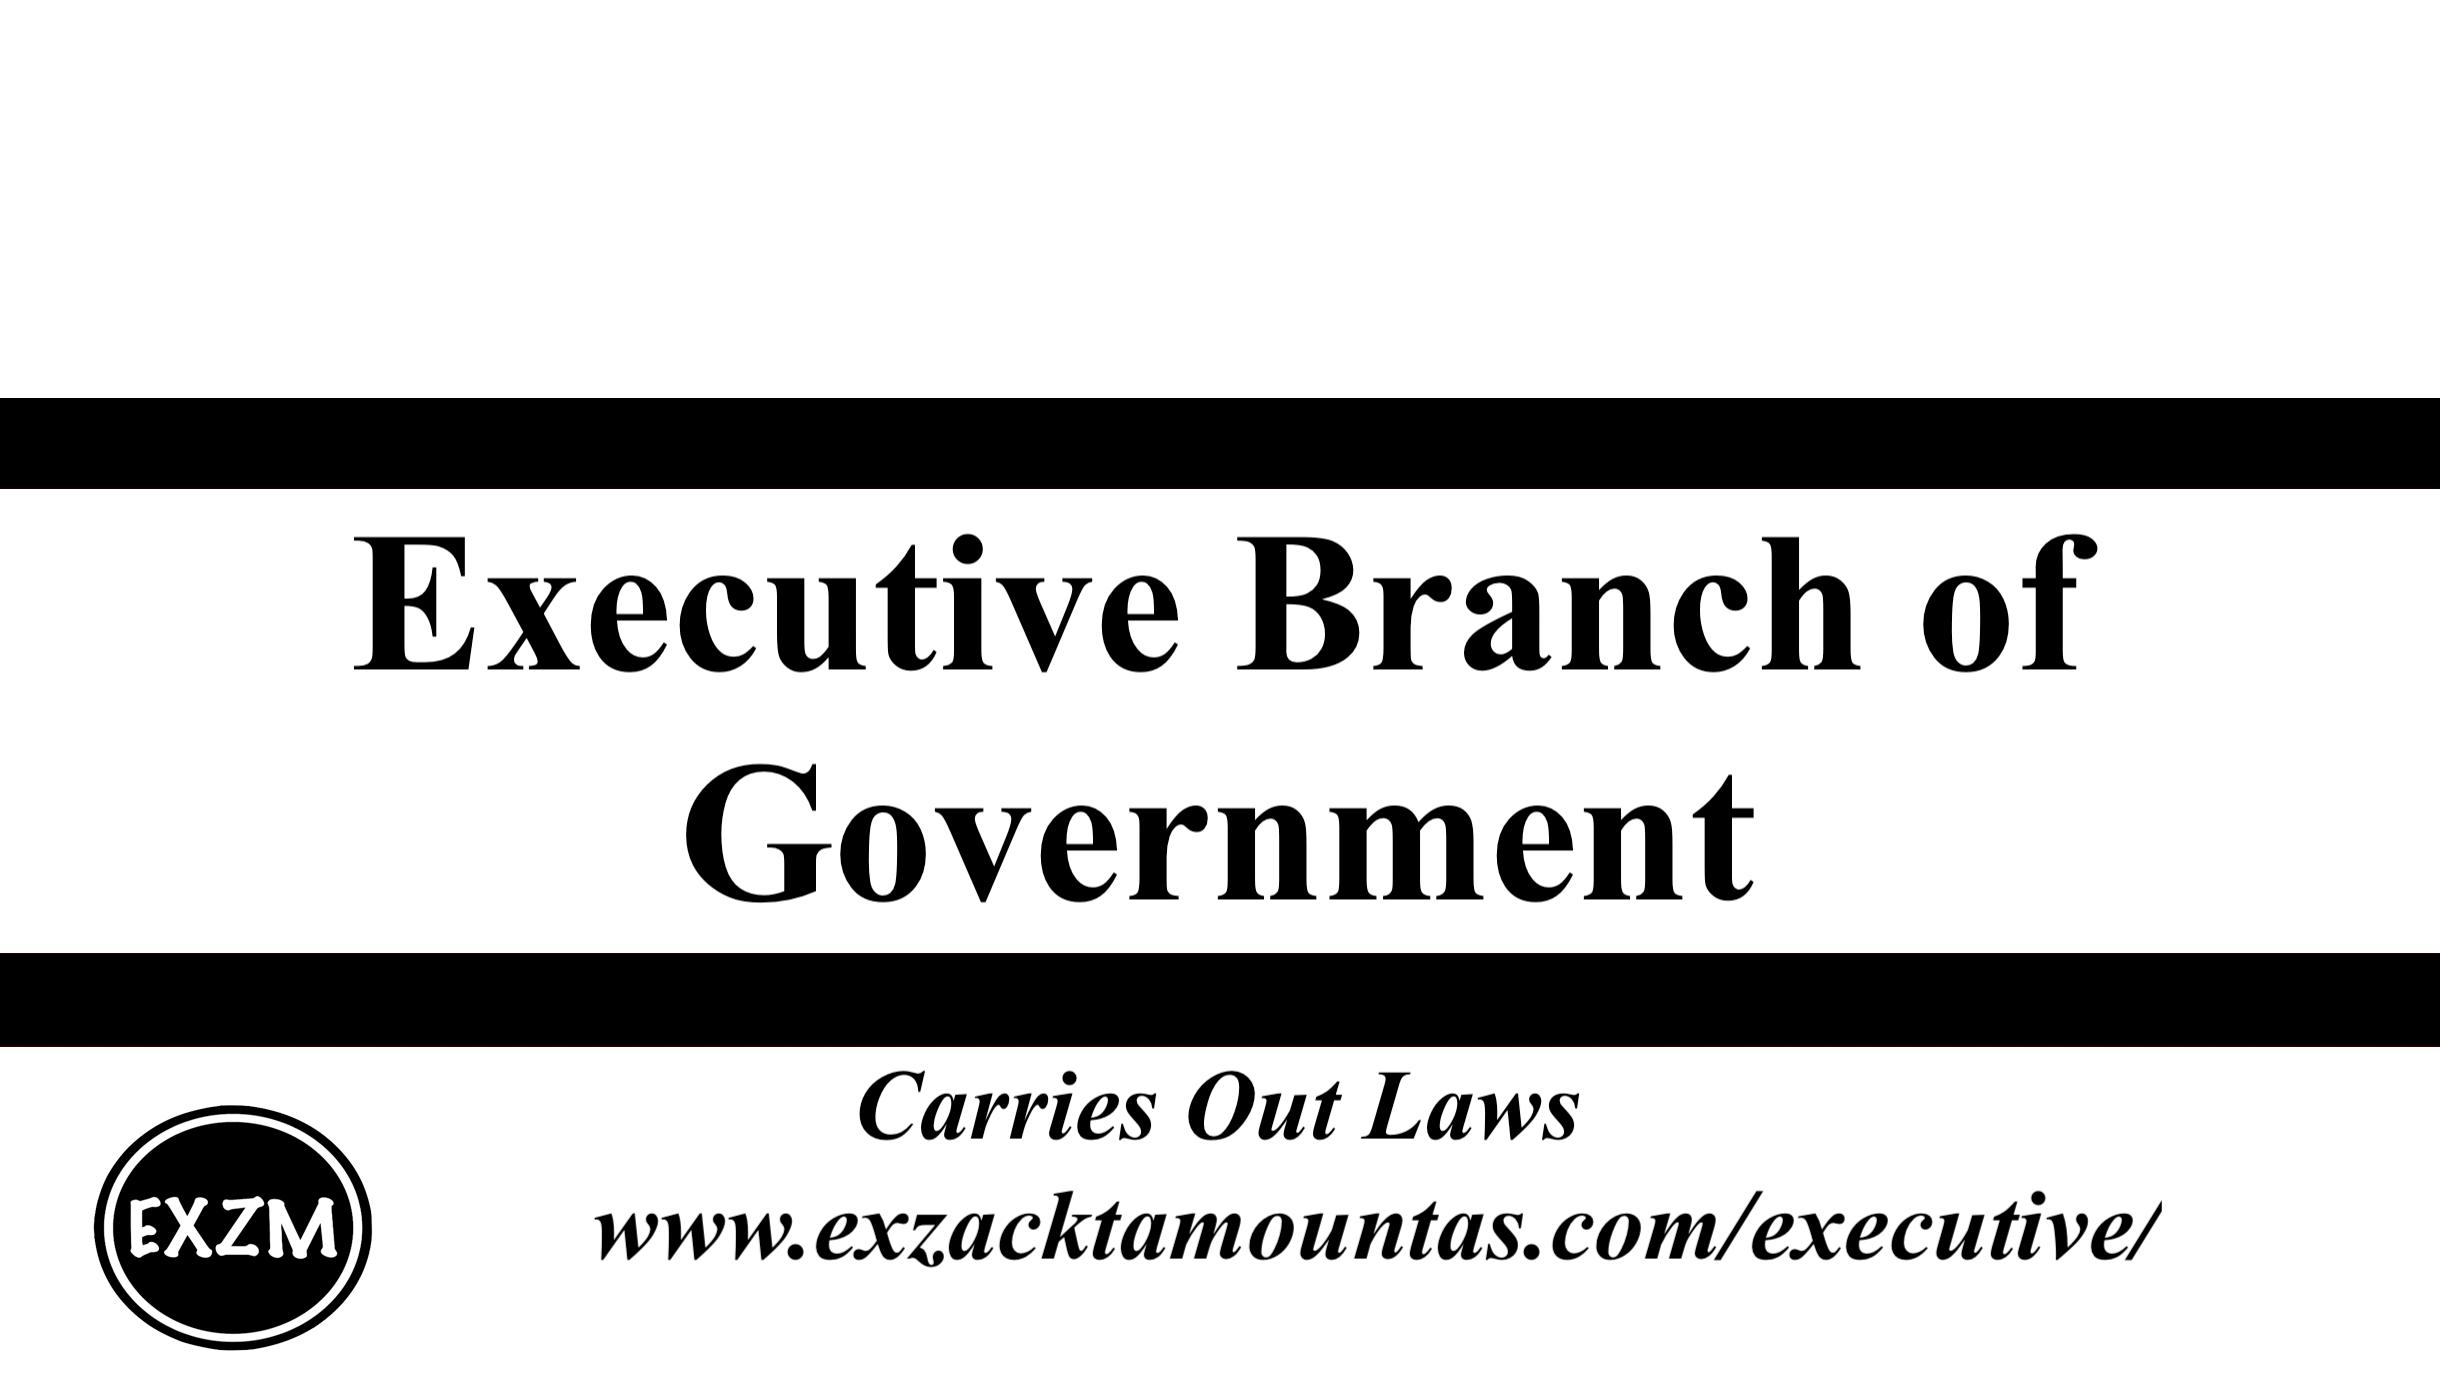 Executive Branch of Gov EXZM 9 30 2019